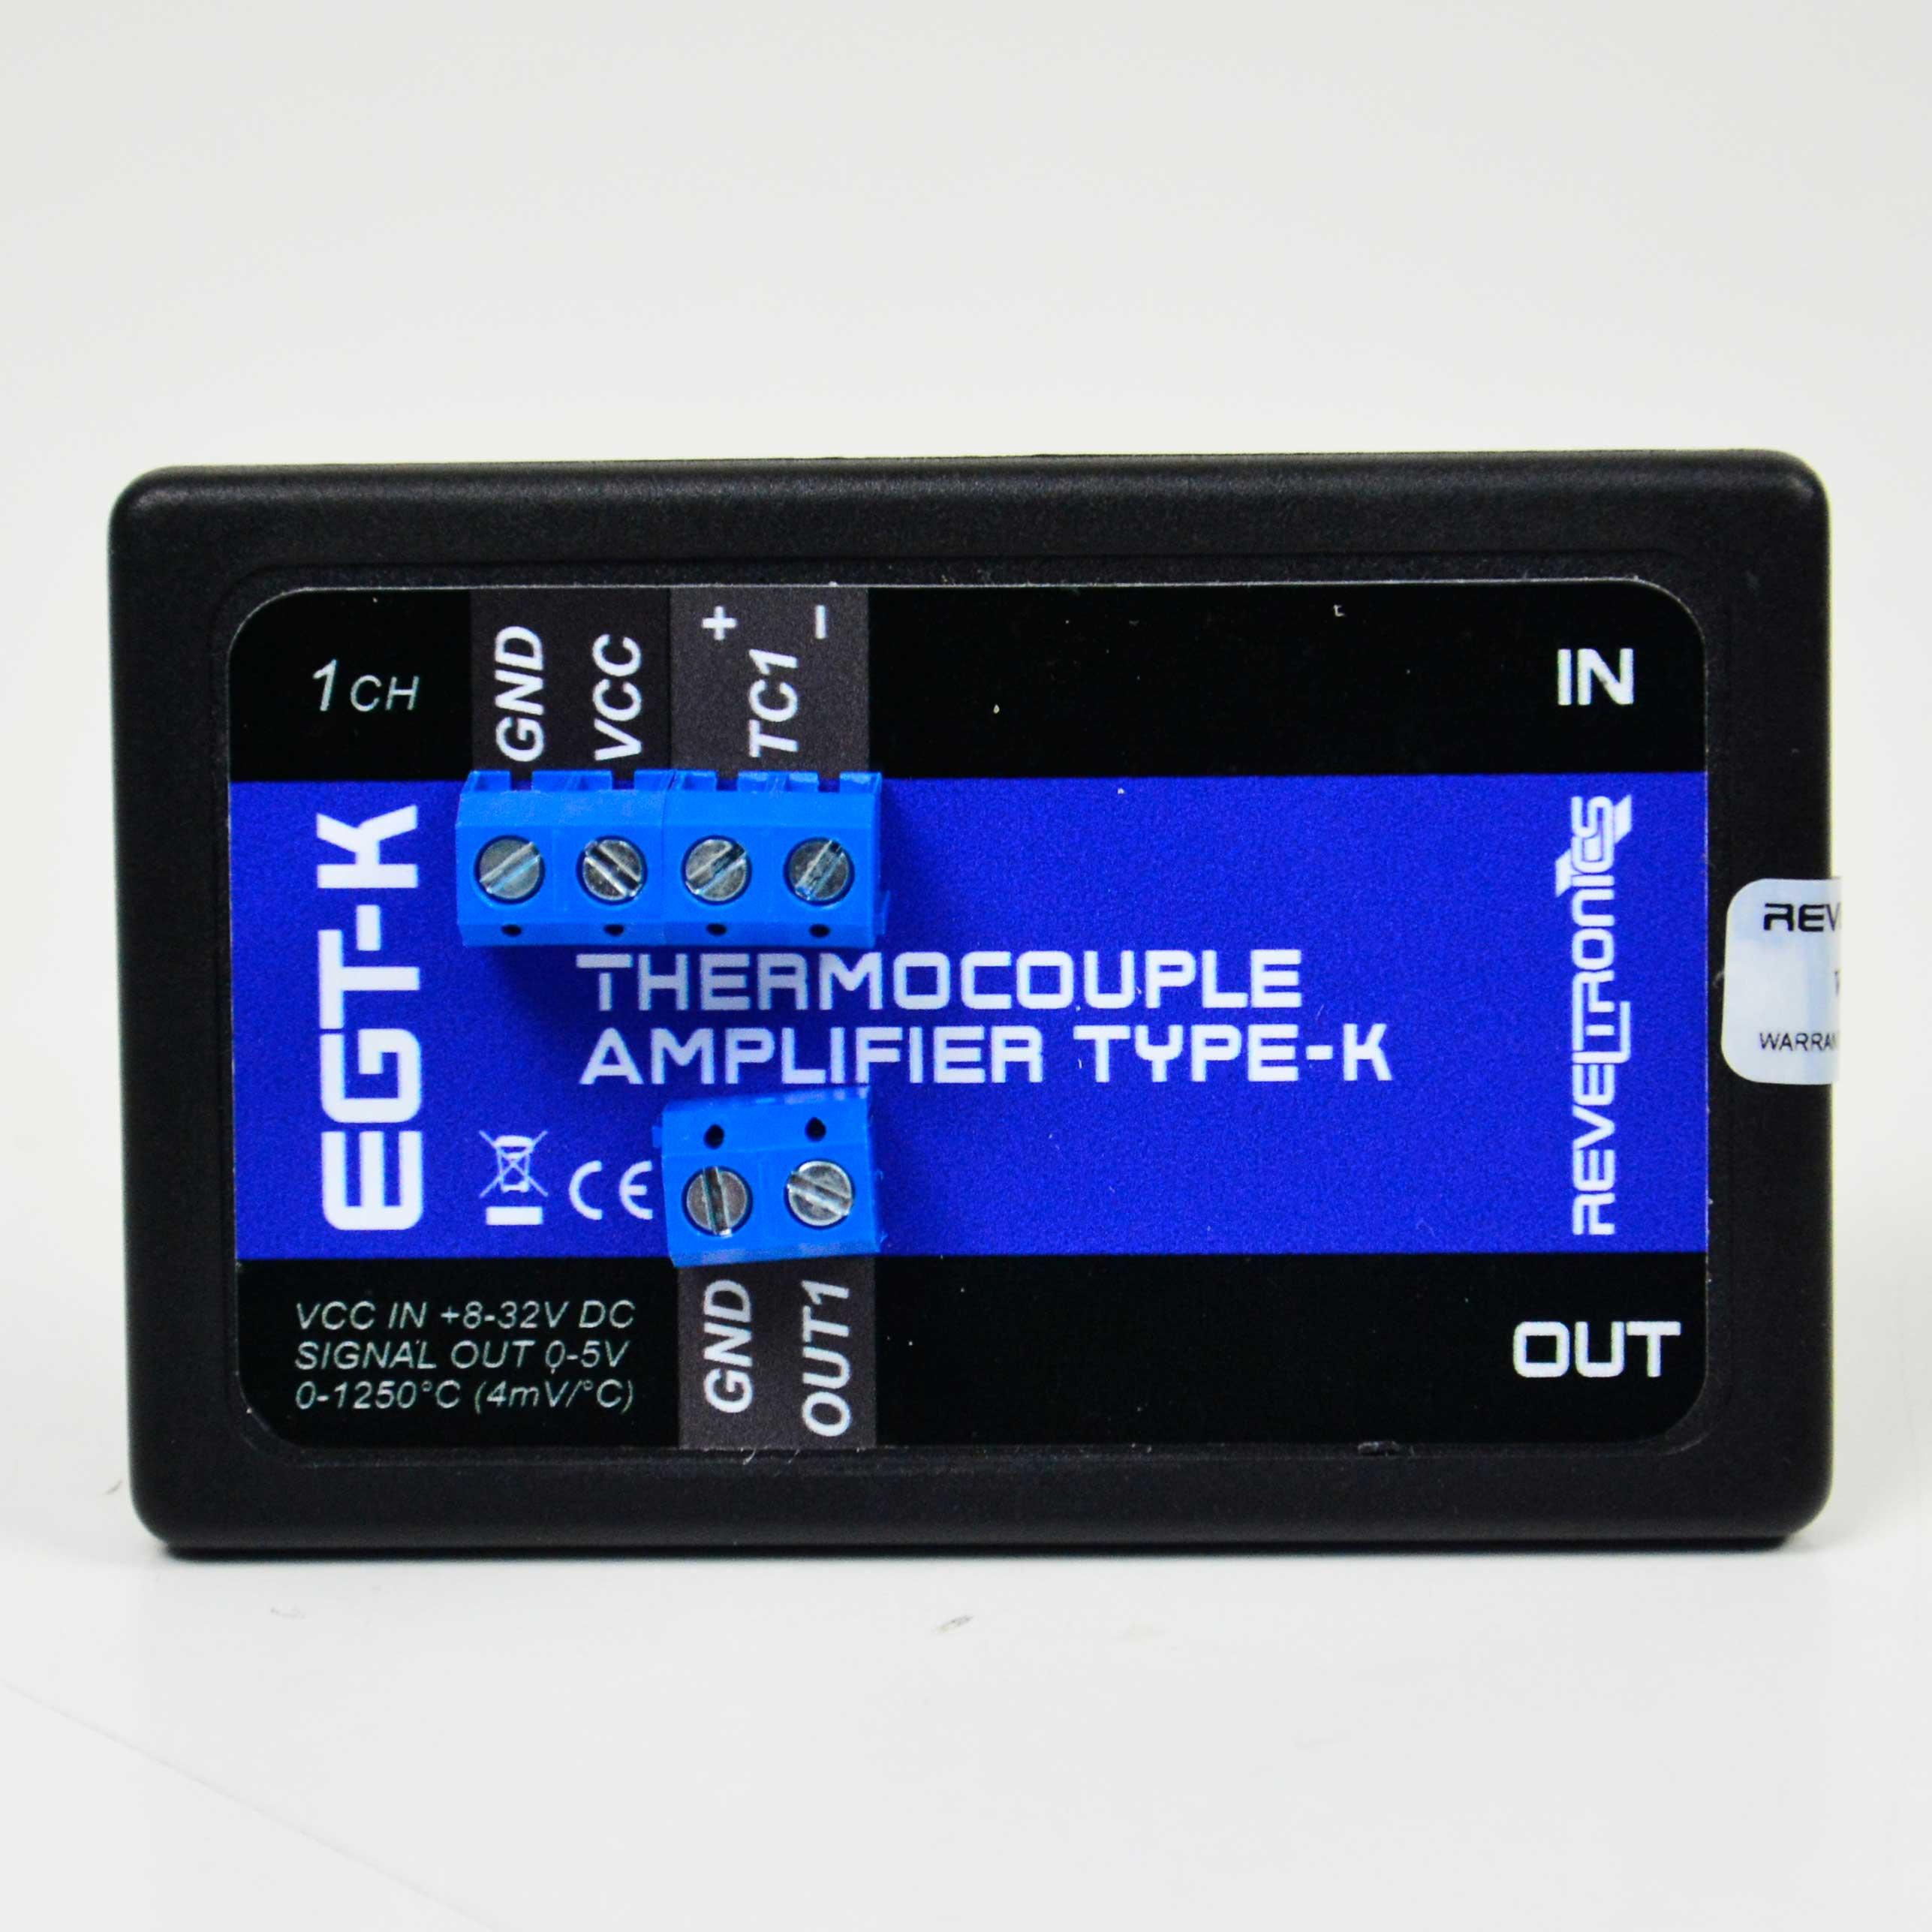 REVELTRONICS EGT-K 1-CH ตัวแปลงสัญญาณ Thermocouples (Type K) | Output 0-5V